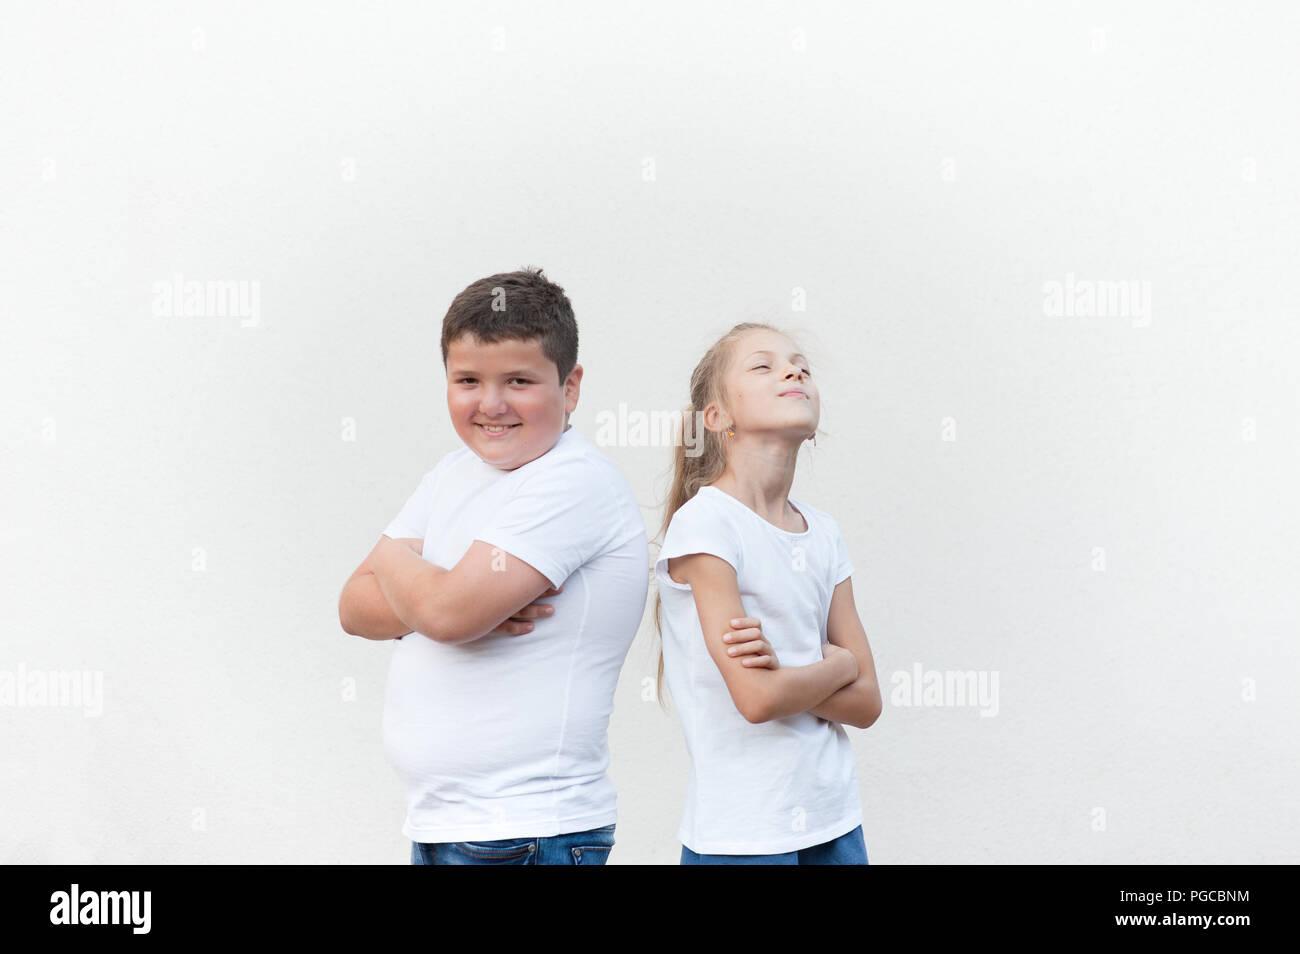 Felices los niños caucásicos guapo en camisetas blancas Fat Boy y Girl delgada espalda sobre fondo brillante Imagen De Stock